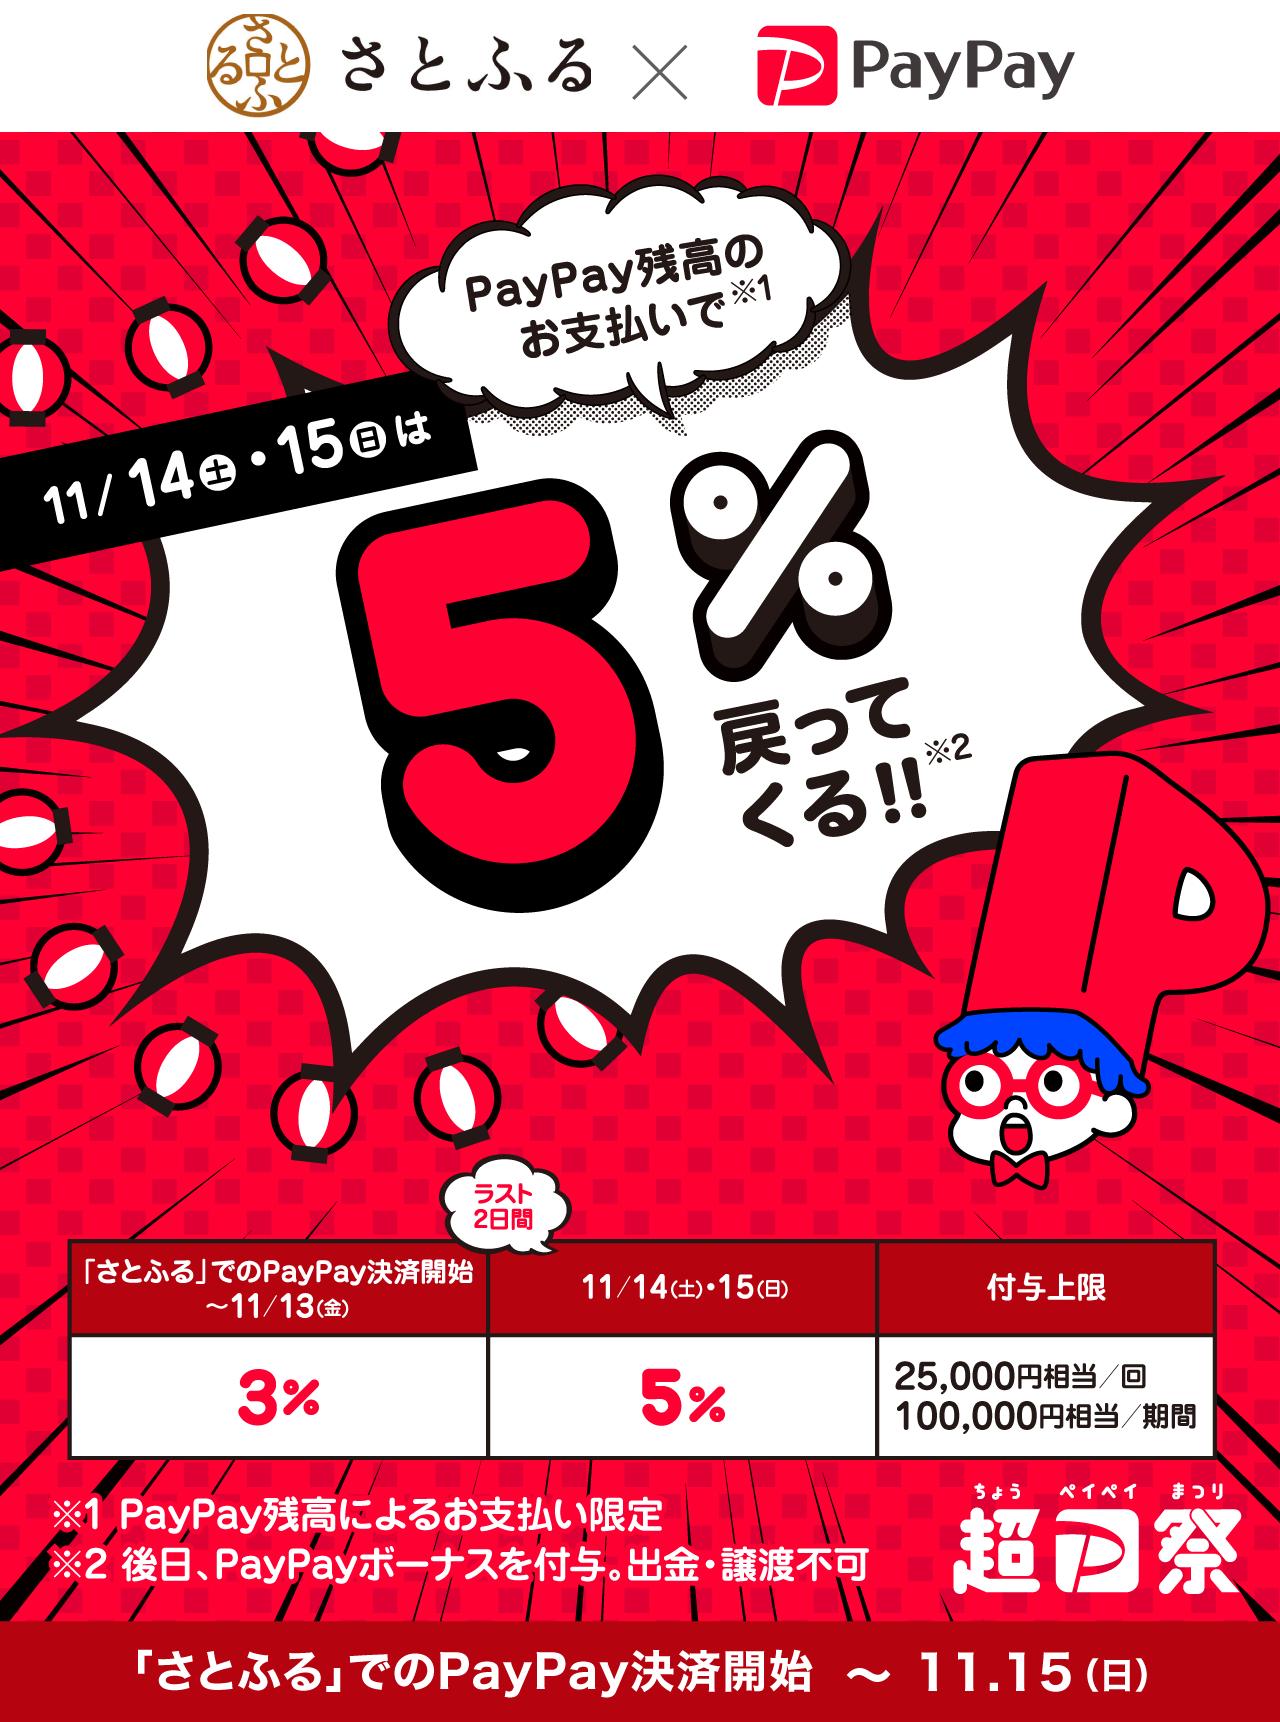 11/14(土)・15(日)はPayPay残高のお支払いで5%戻ってくる!!